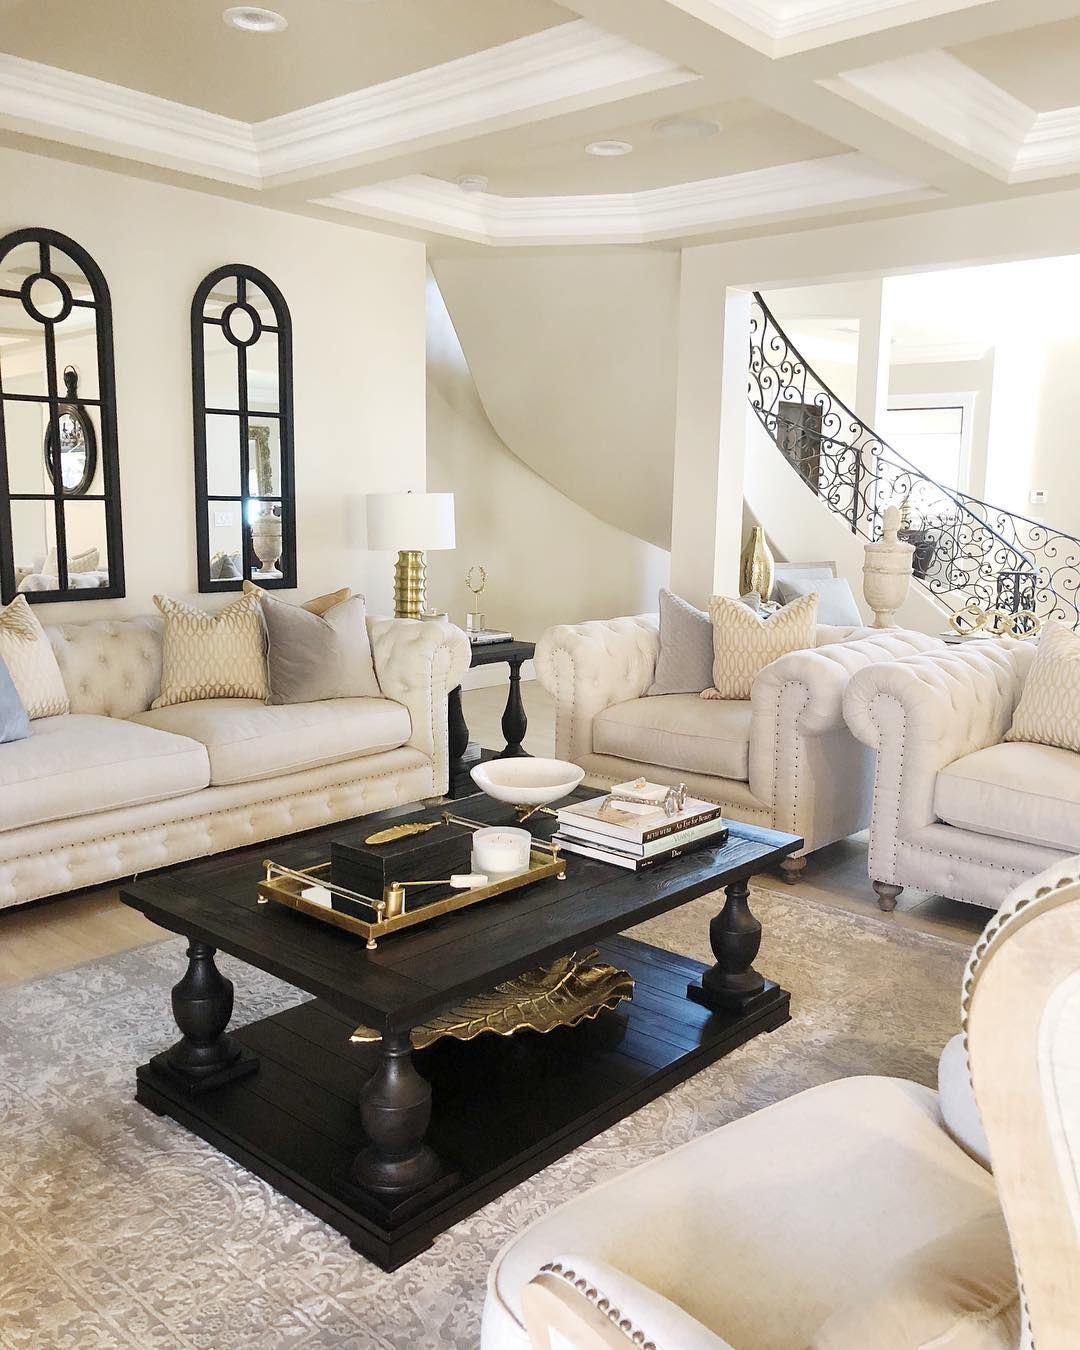 Glam Wohnzimmer Dekor mit beige und schwarzem Interieur und französischer Eisentreppe @myhome_myinterior